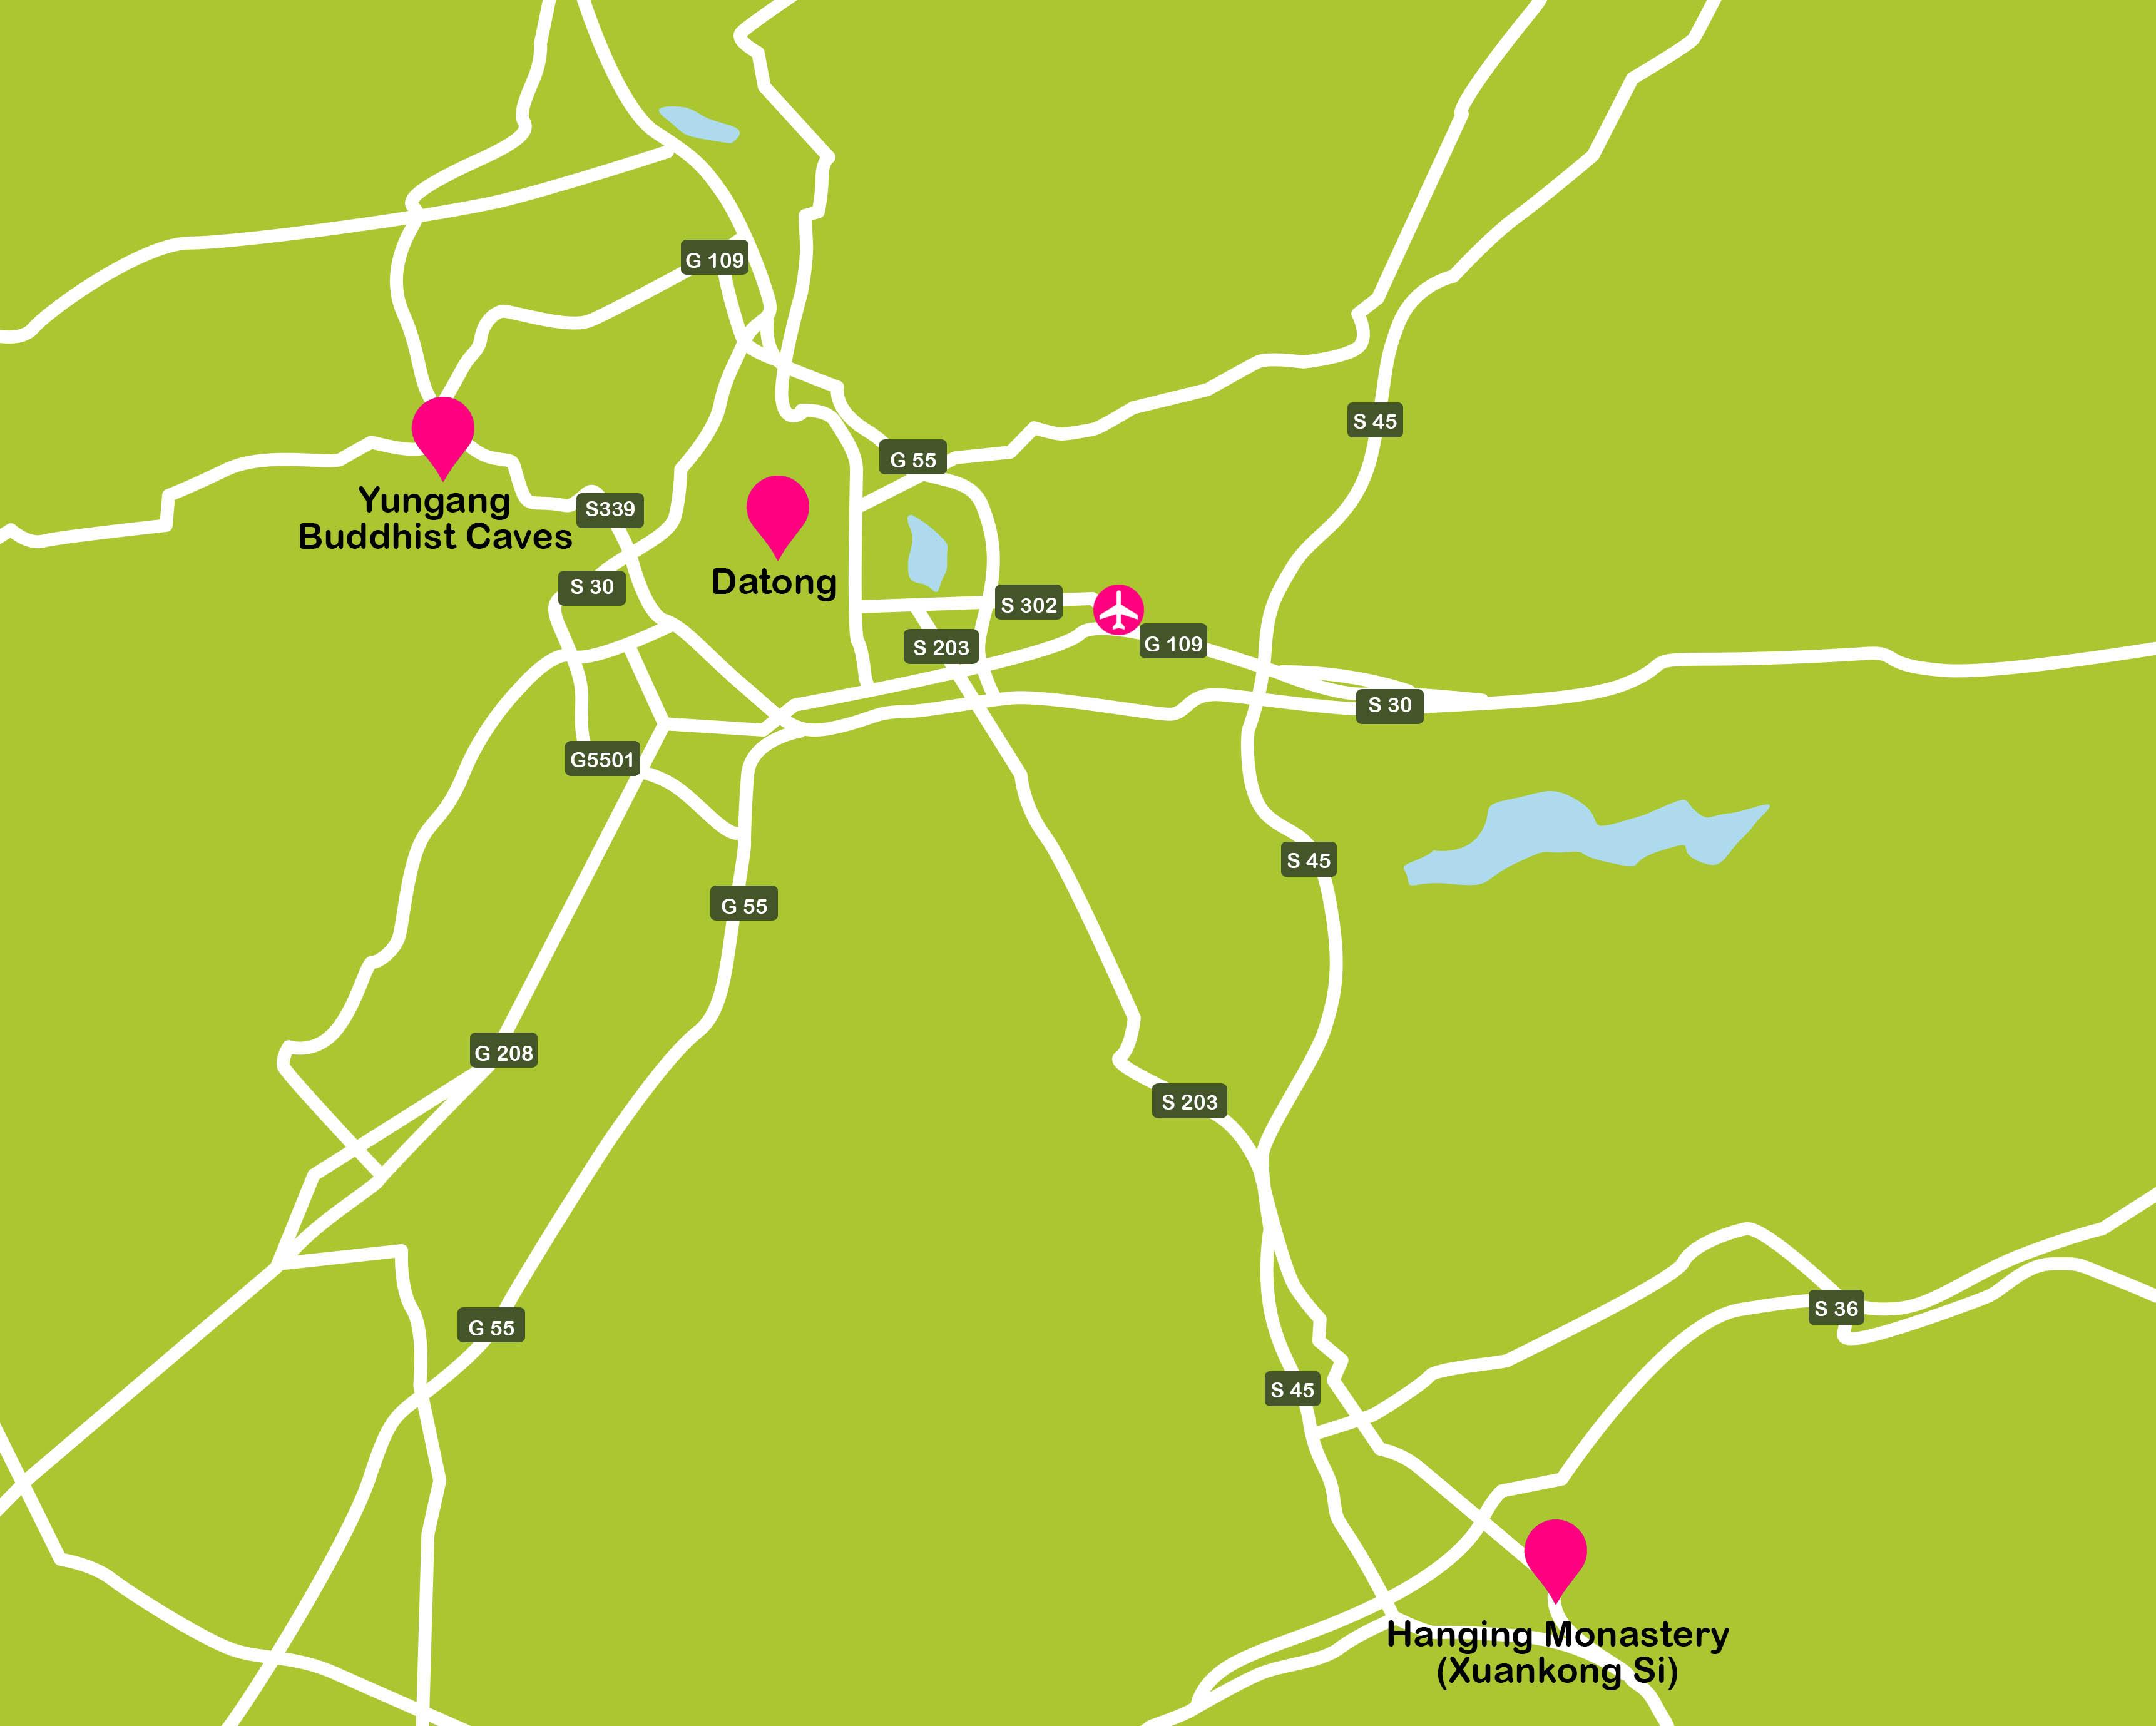 Mapa de China. Mapa general de Datong (aeropuerto)